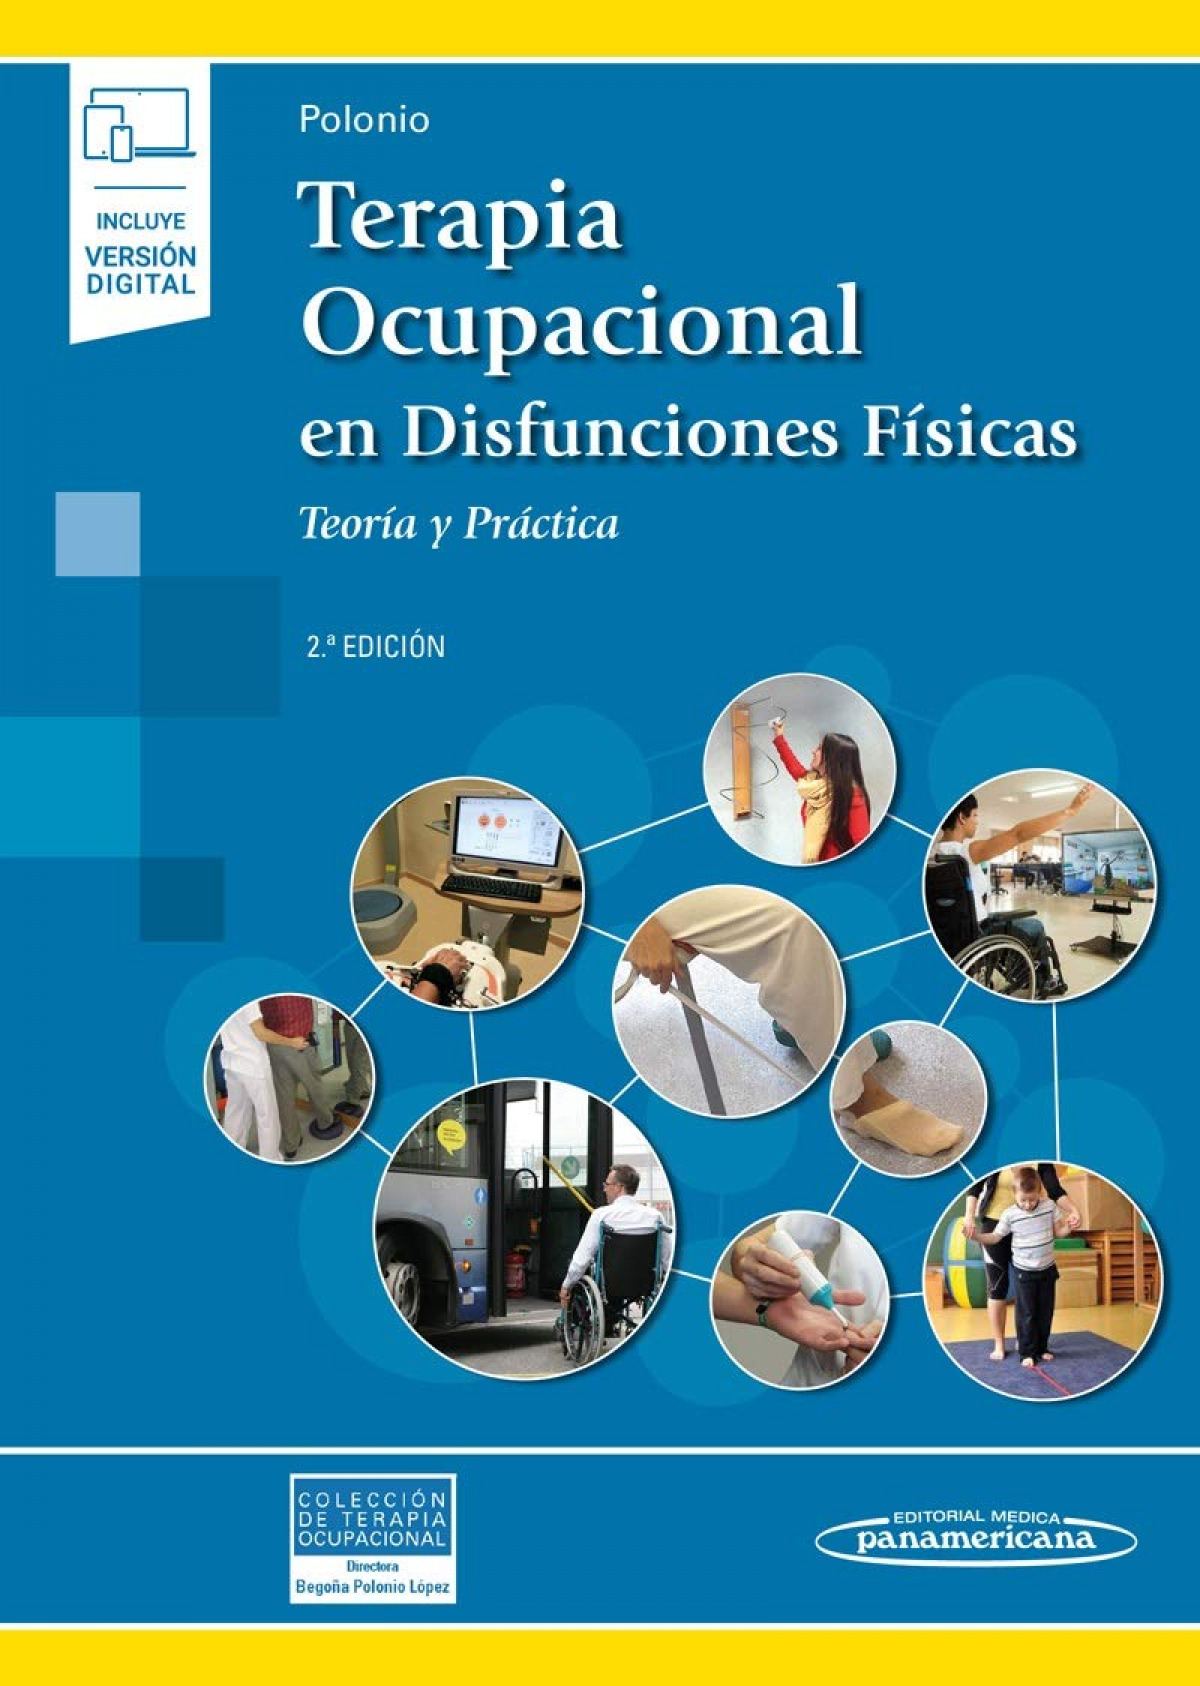 Terapia Ocupacional en Disfunciones Físicas (incluye versión digital)